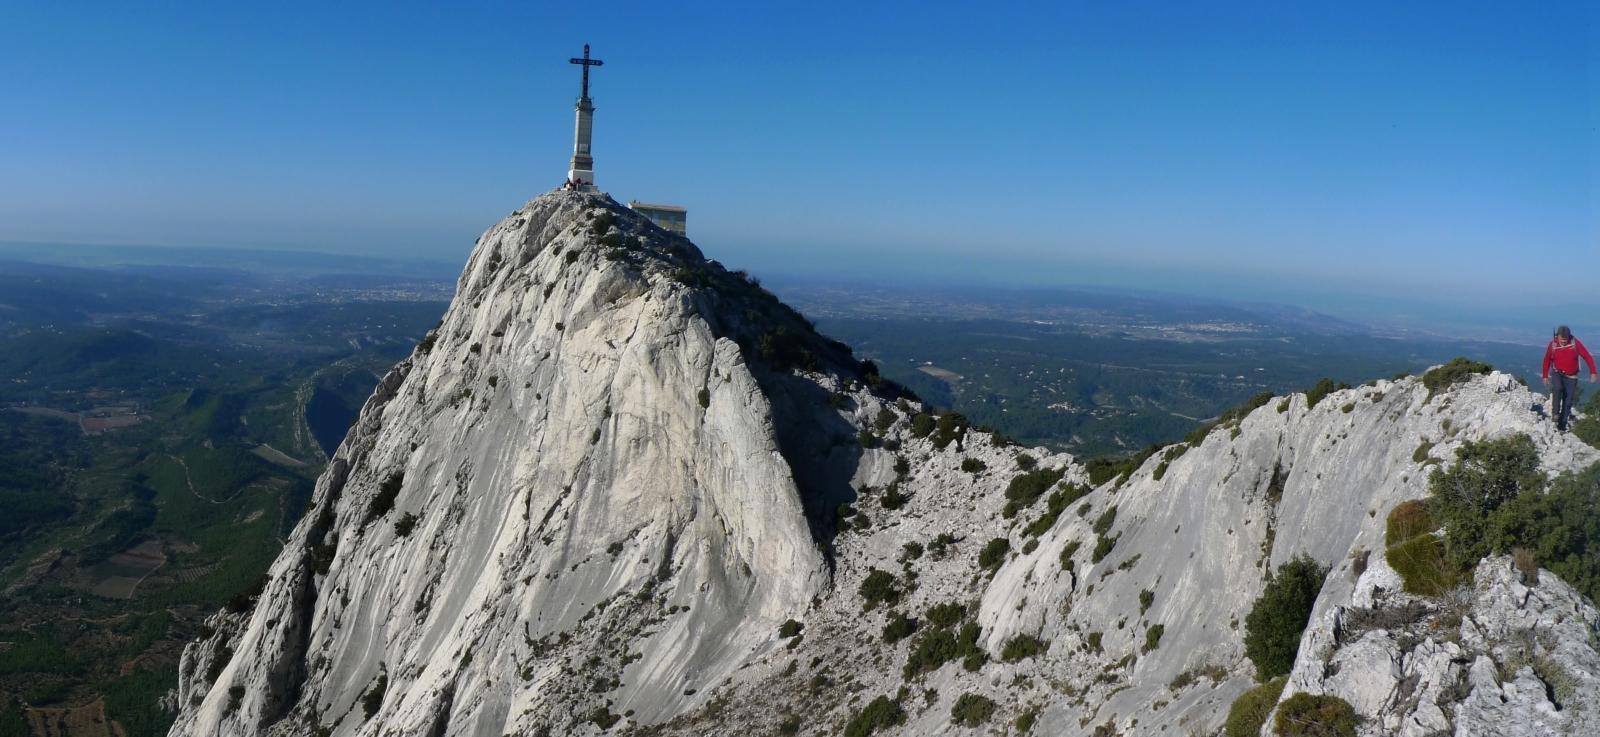 Montagne sainte victoire pic des mouches 1011m et for Croix rouge salon de provence